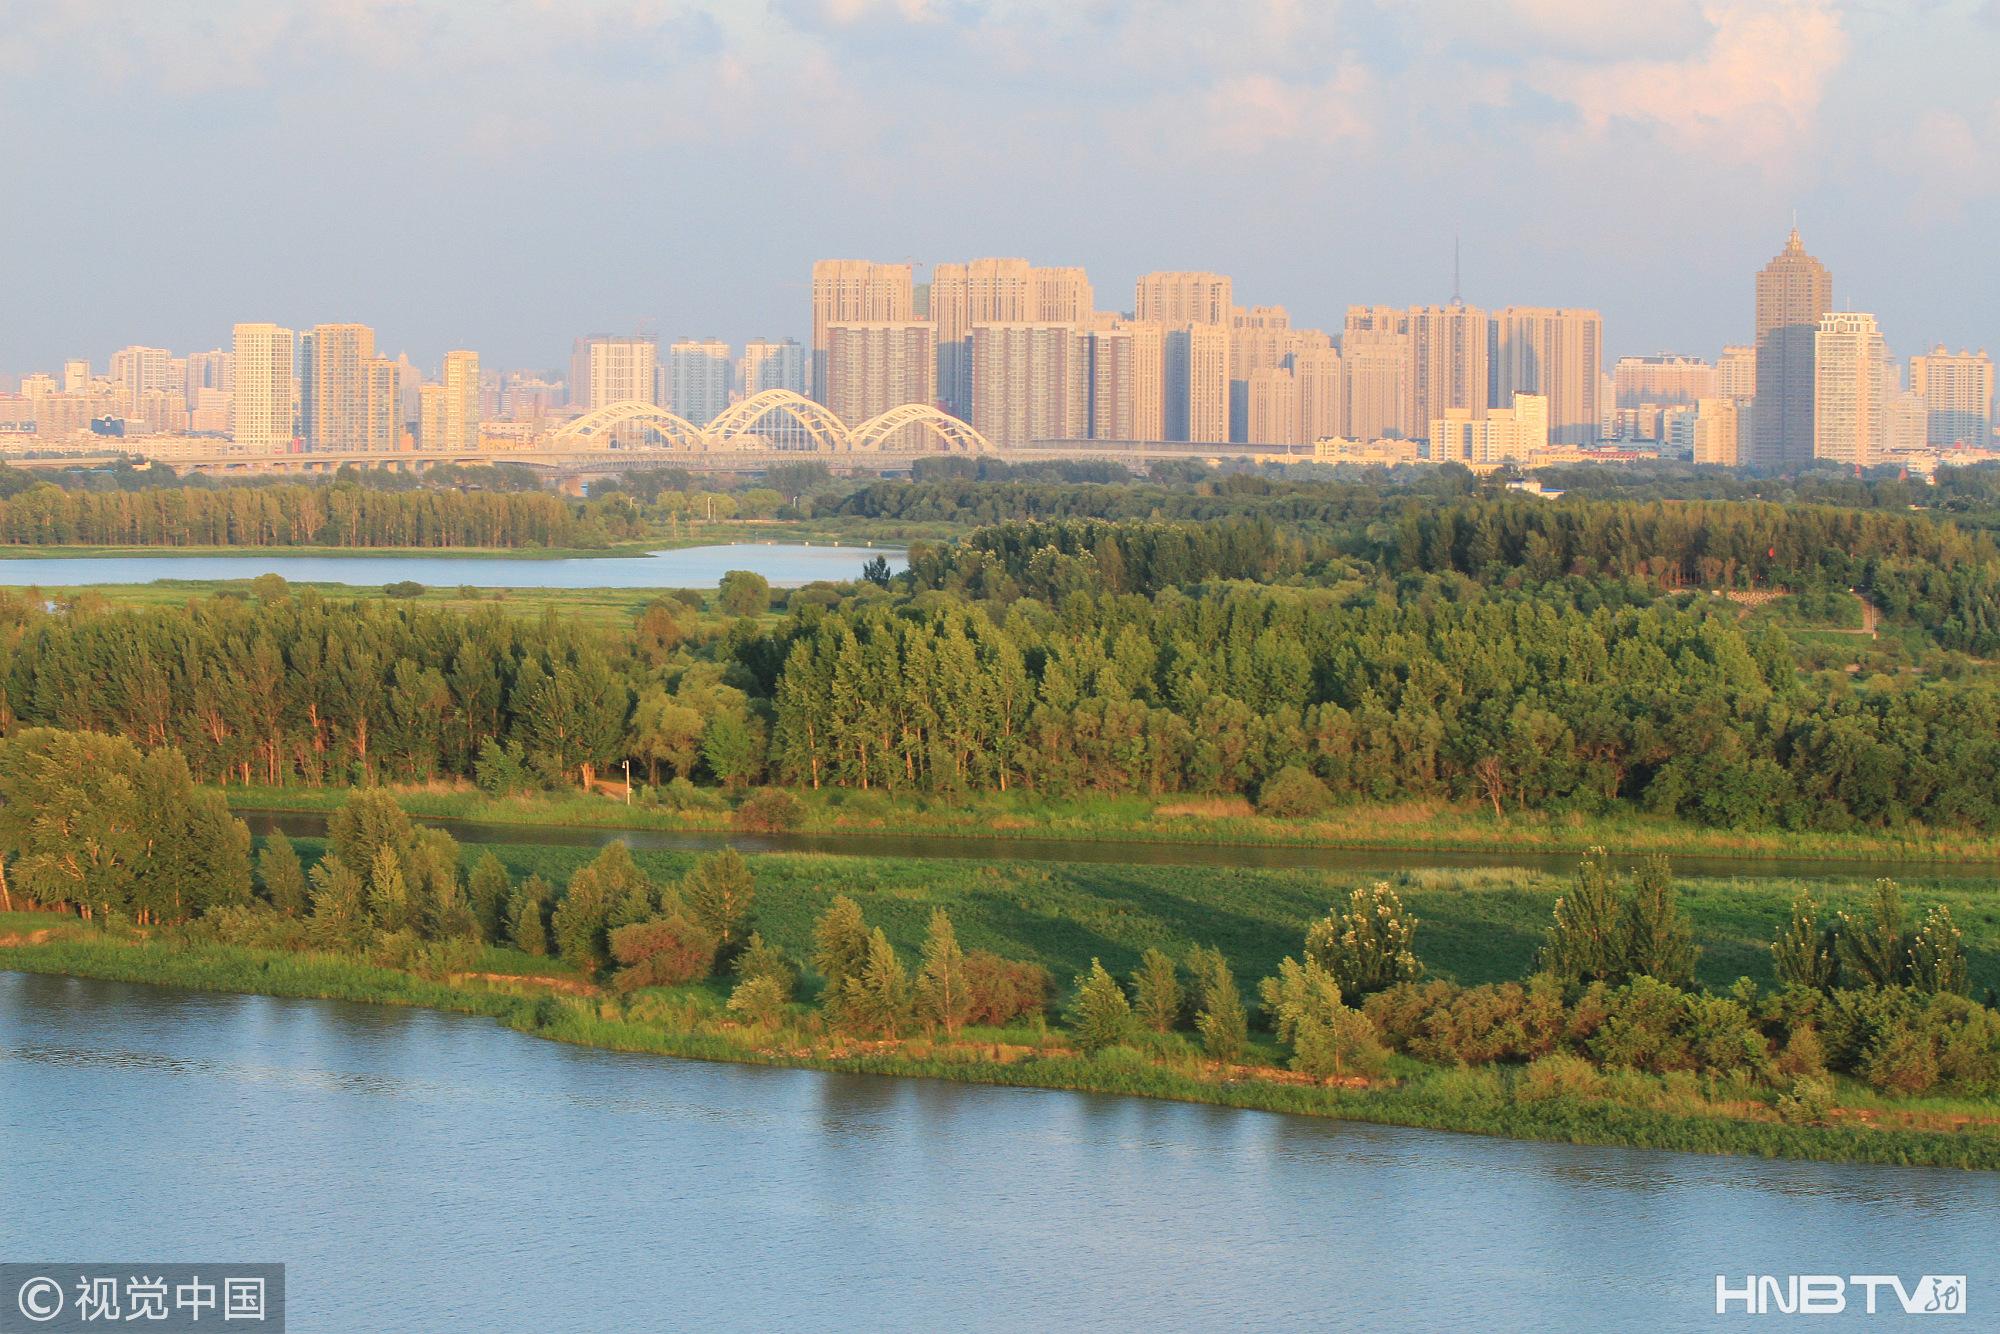 哈尔滨:万顷松江湿地草深林密  成避暑游玩胜地(组图)